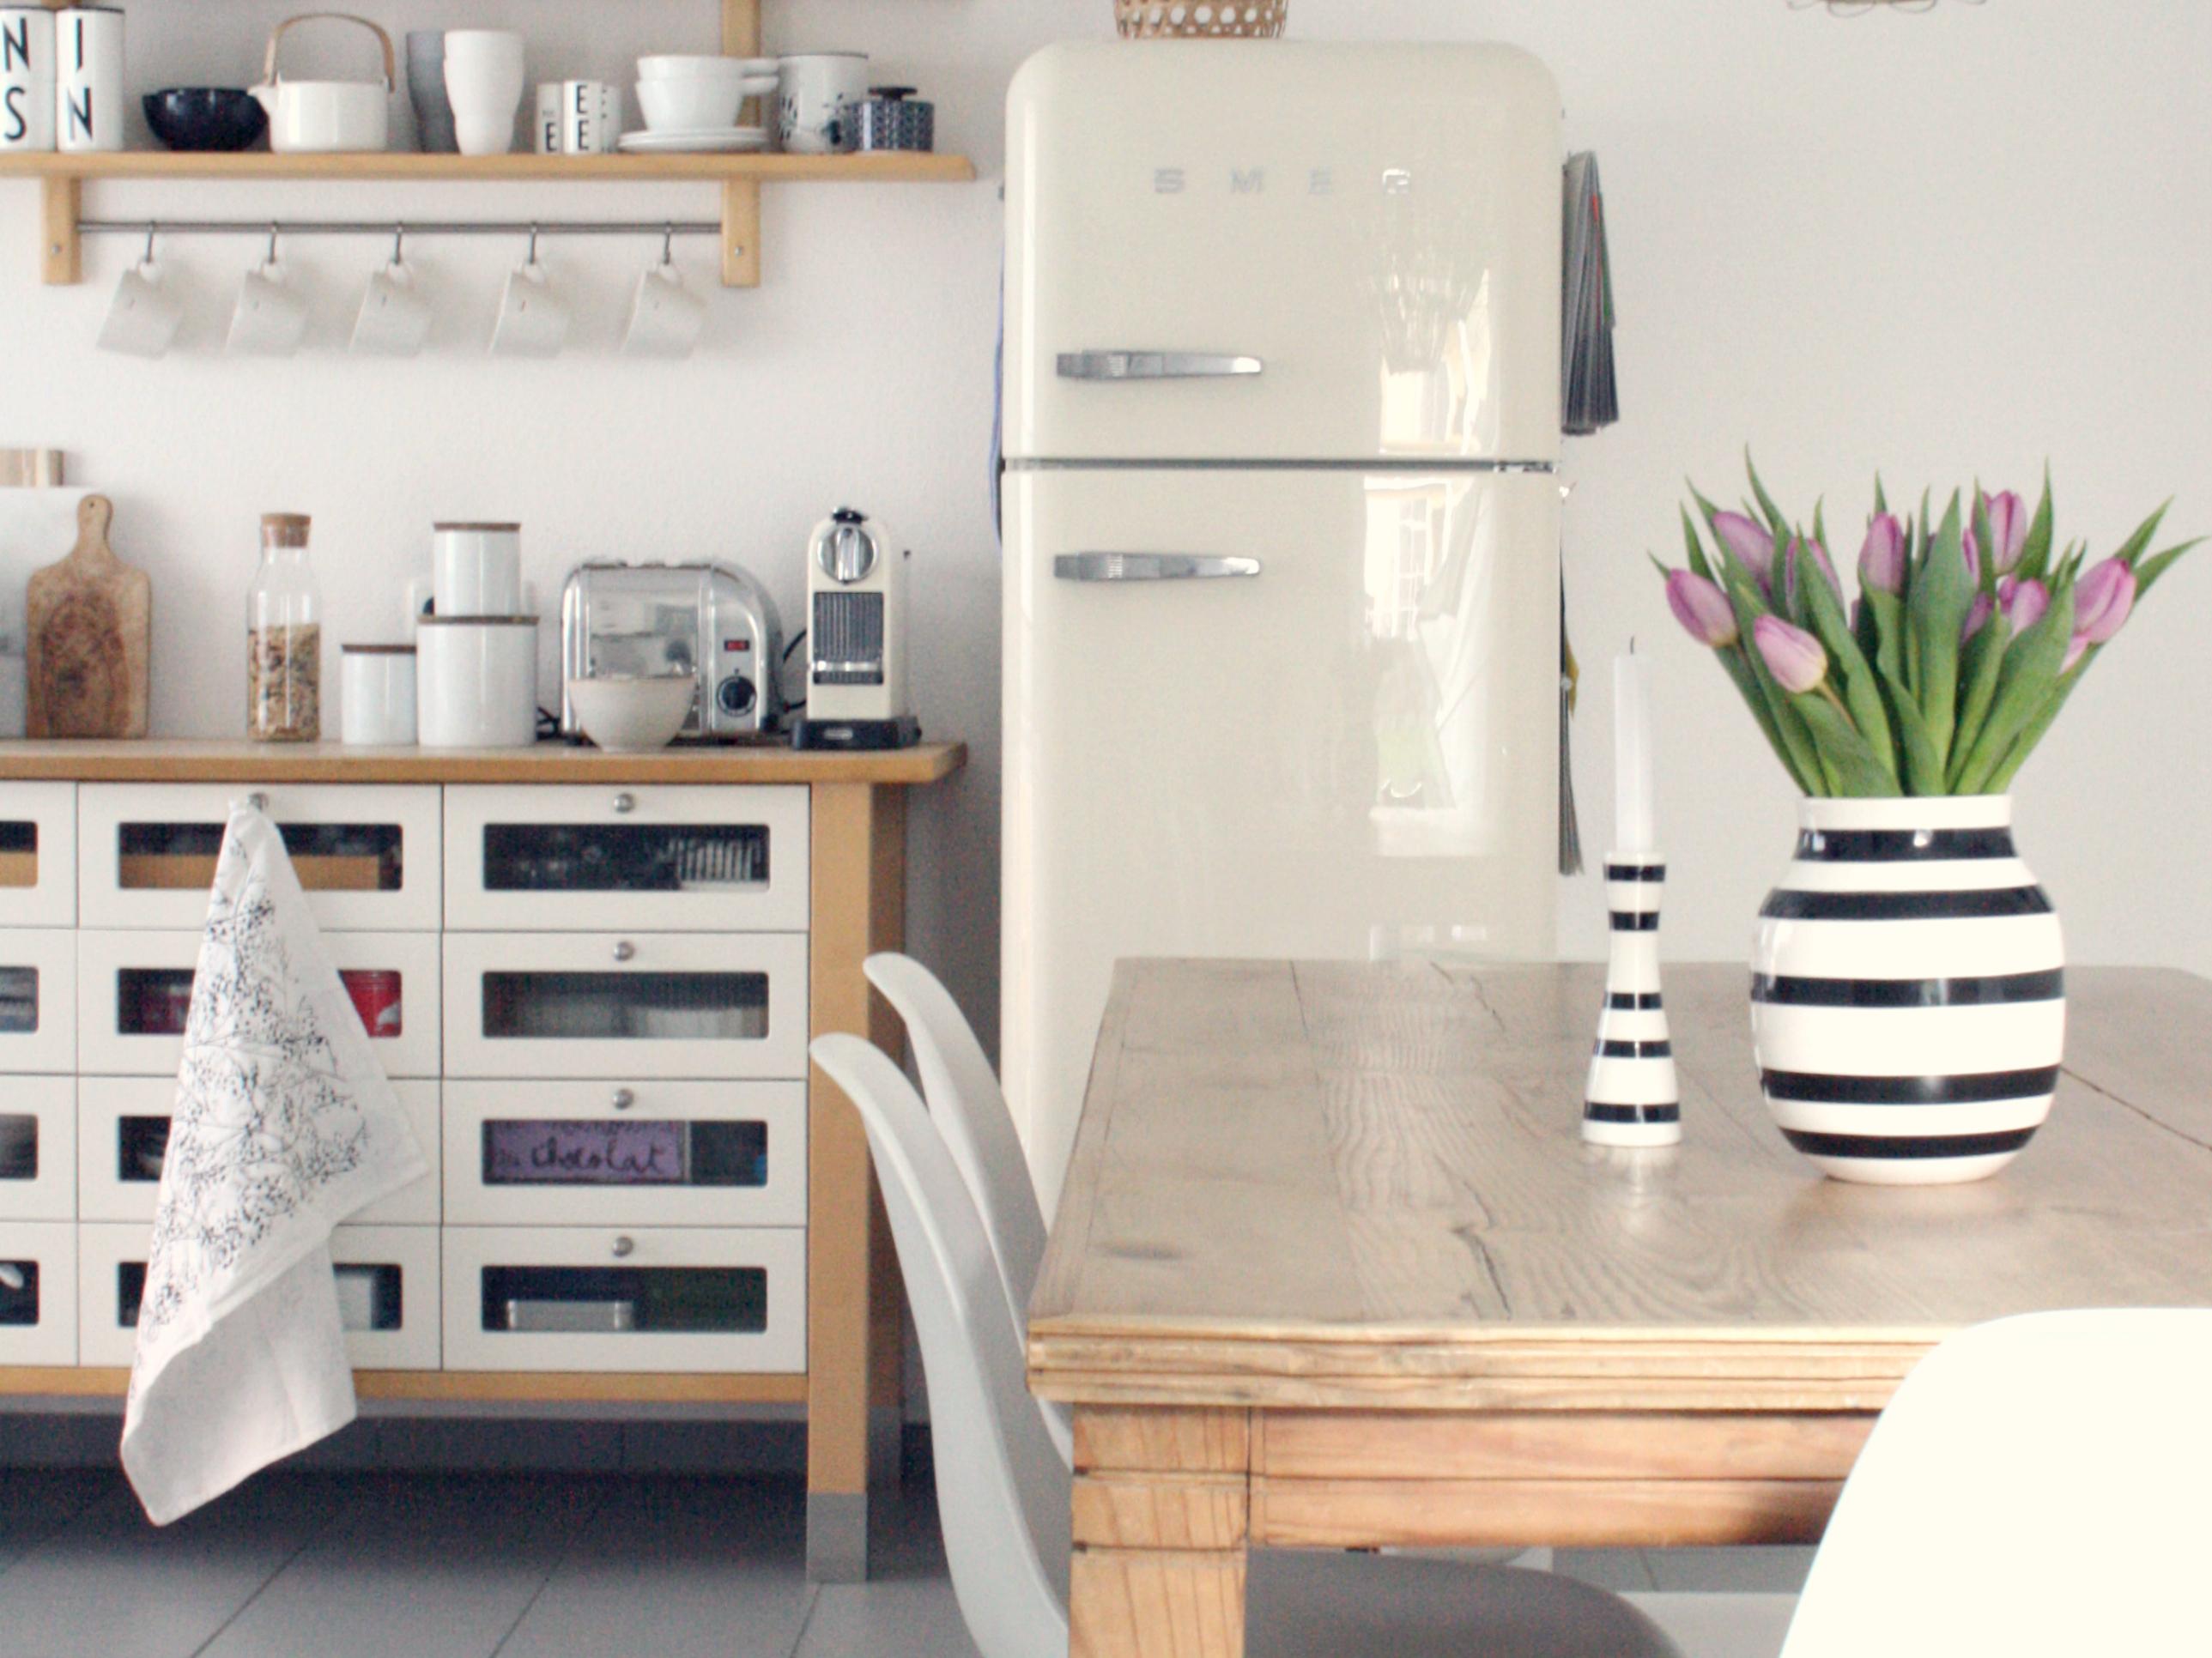 k che modern zeitlos haus einrichten k che spritzschutz 80 arbeitsplatte 50mm ikea h he. Black Bedroom Furniture Sets. Home Design Ideas